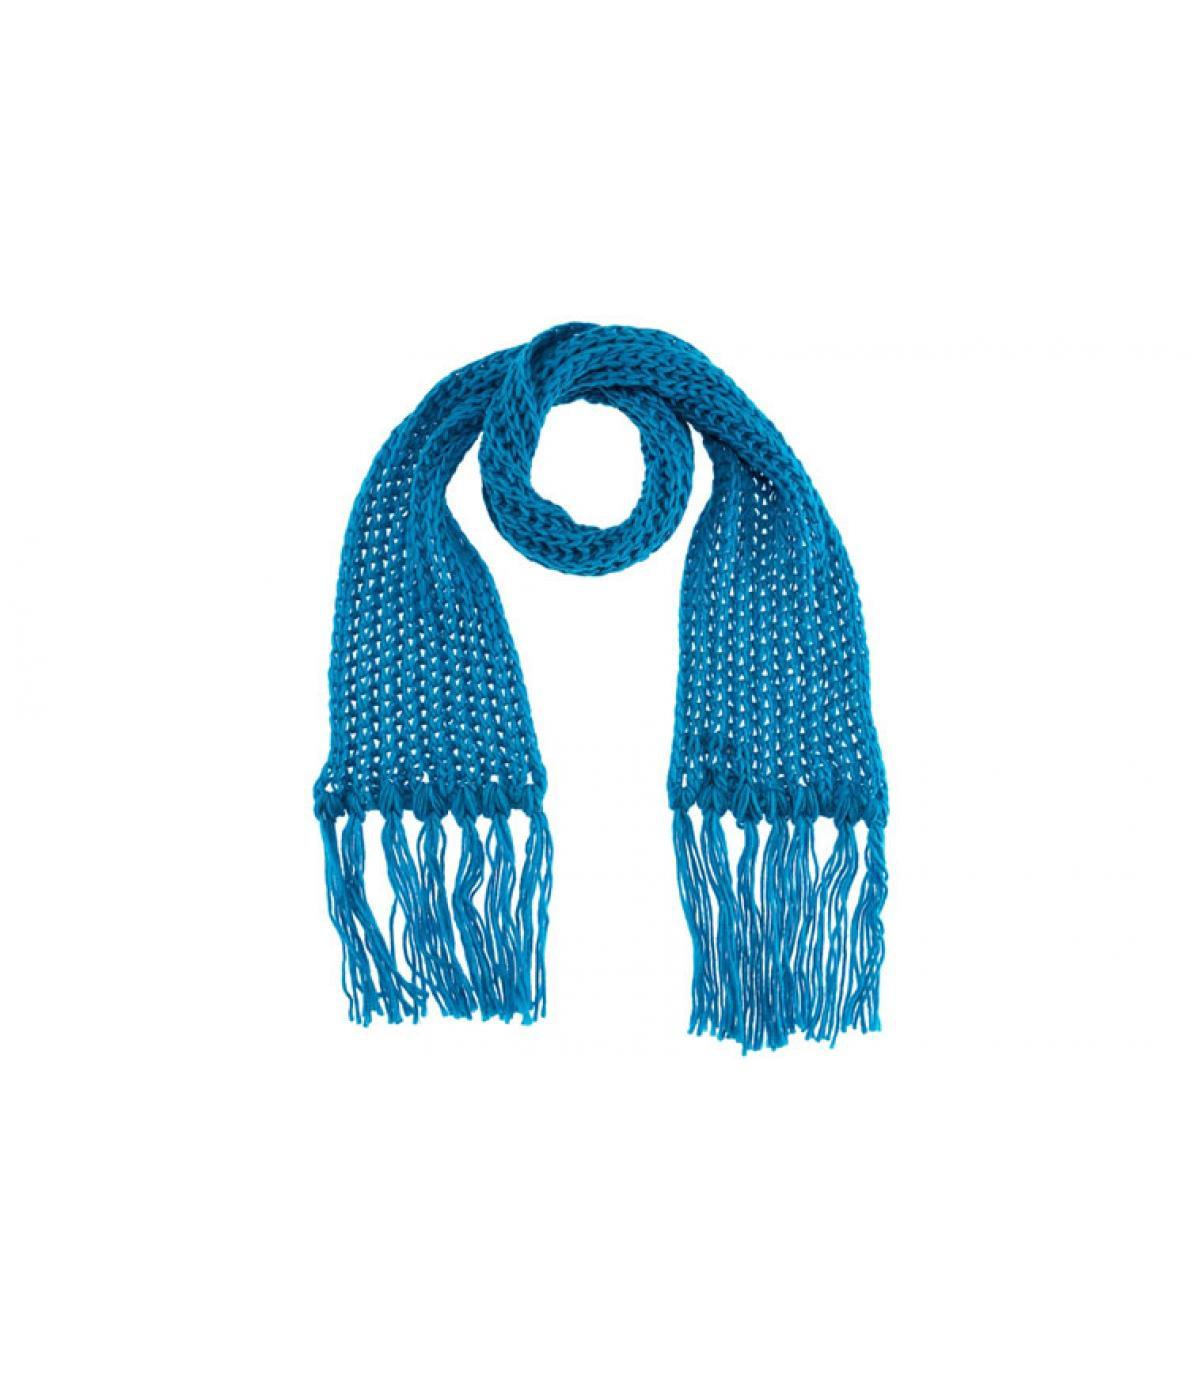 Bruine sjaal met franjes